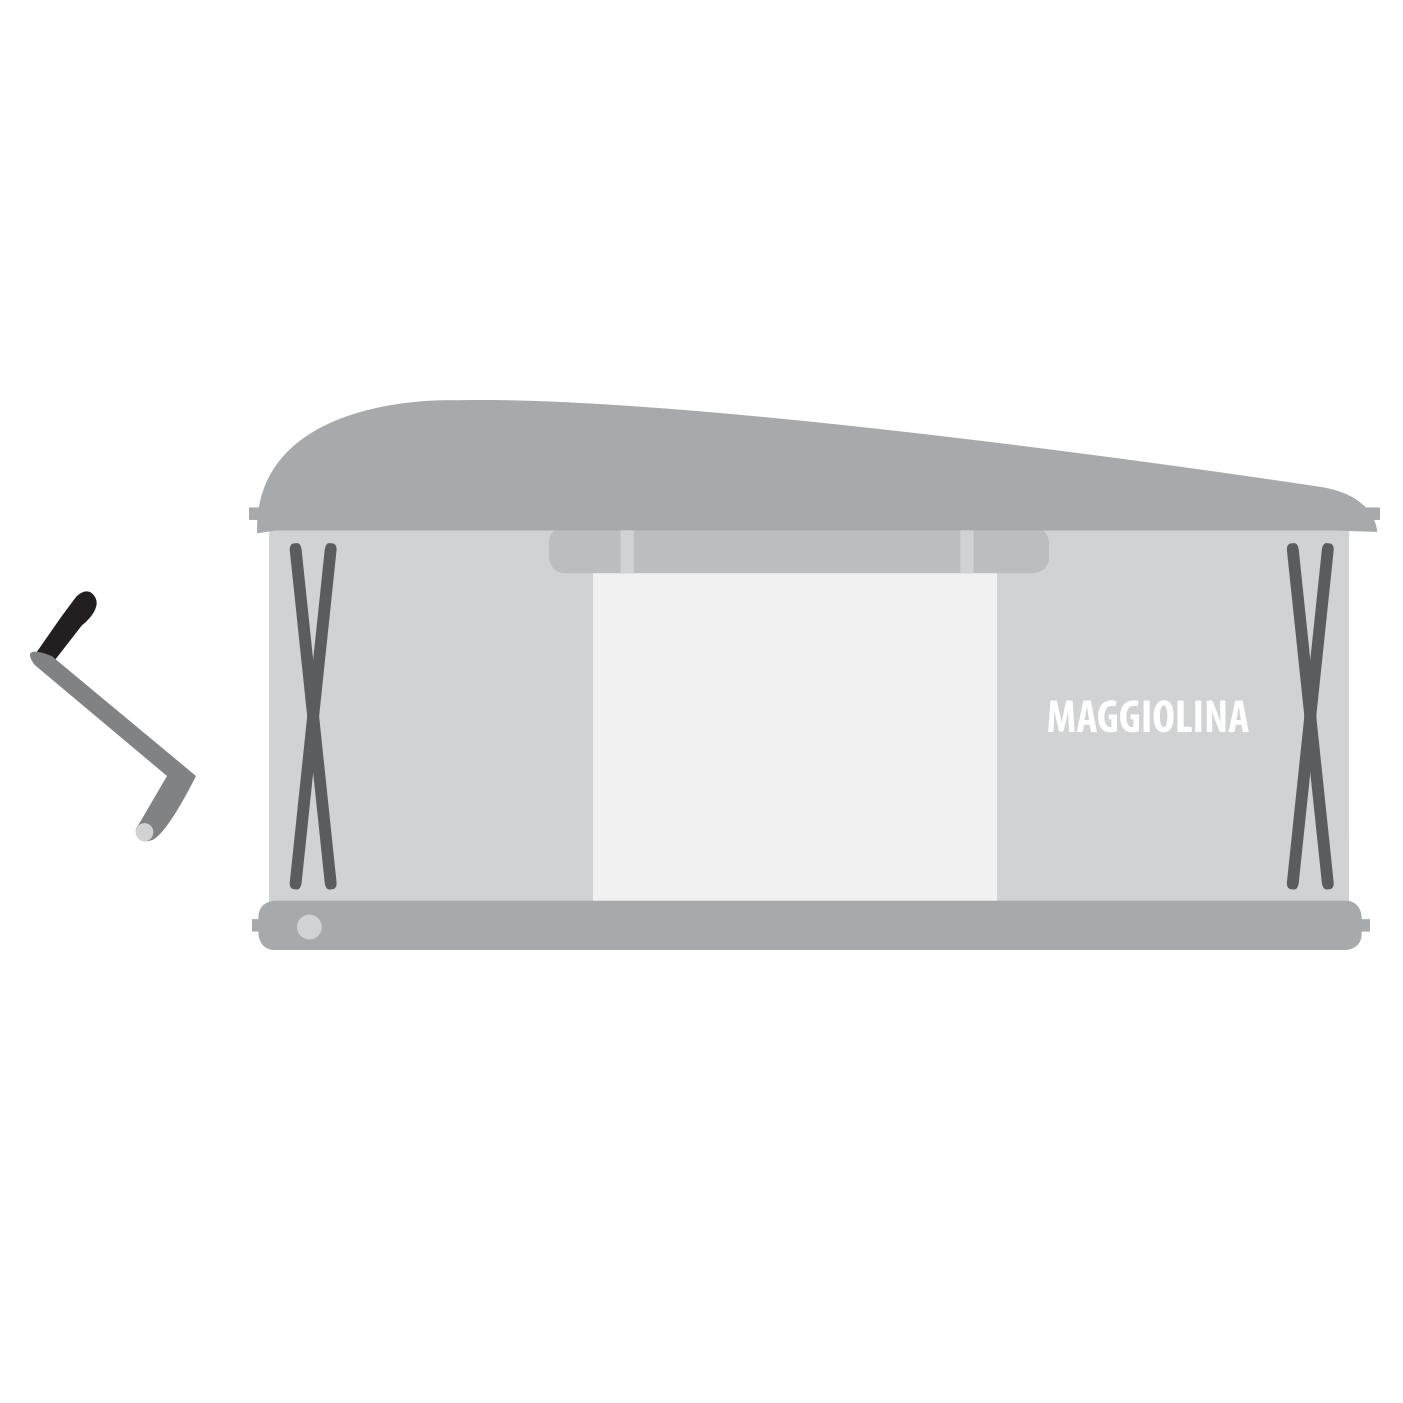 Maggiolina-mit-Kurbel